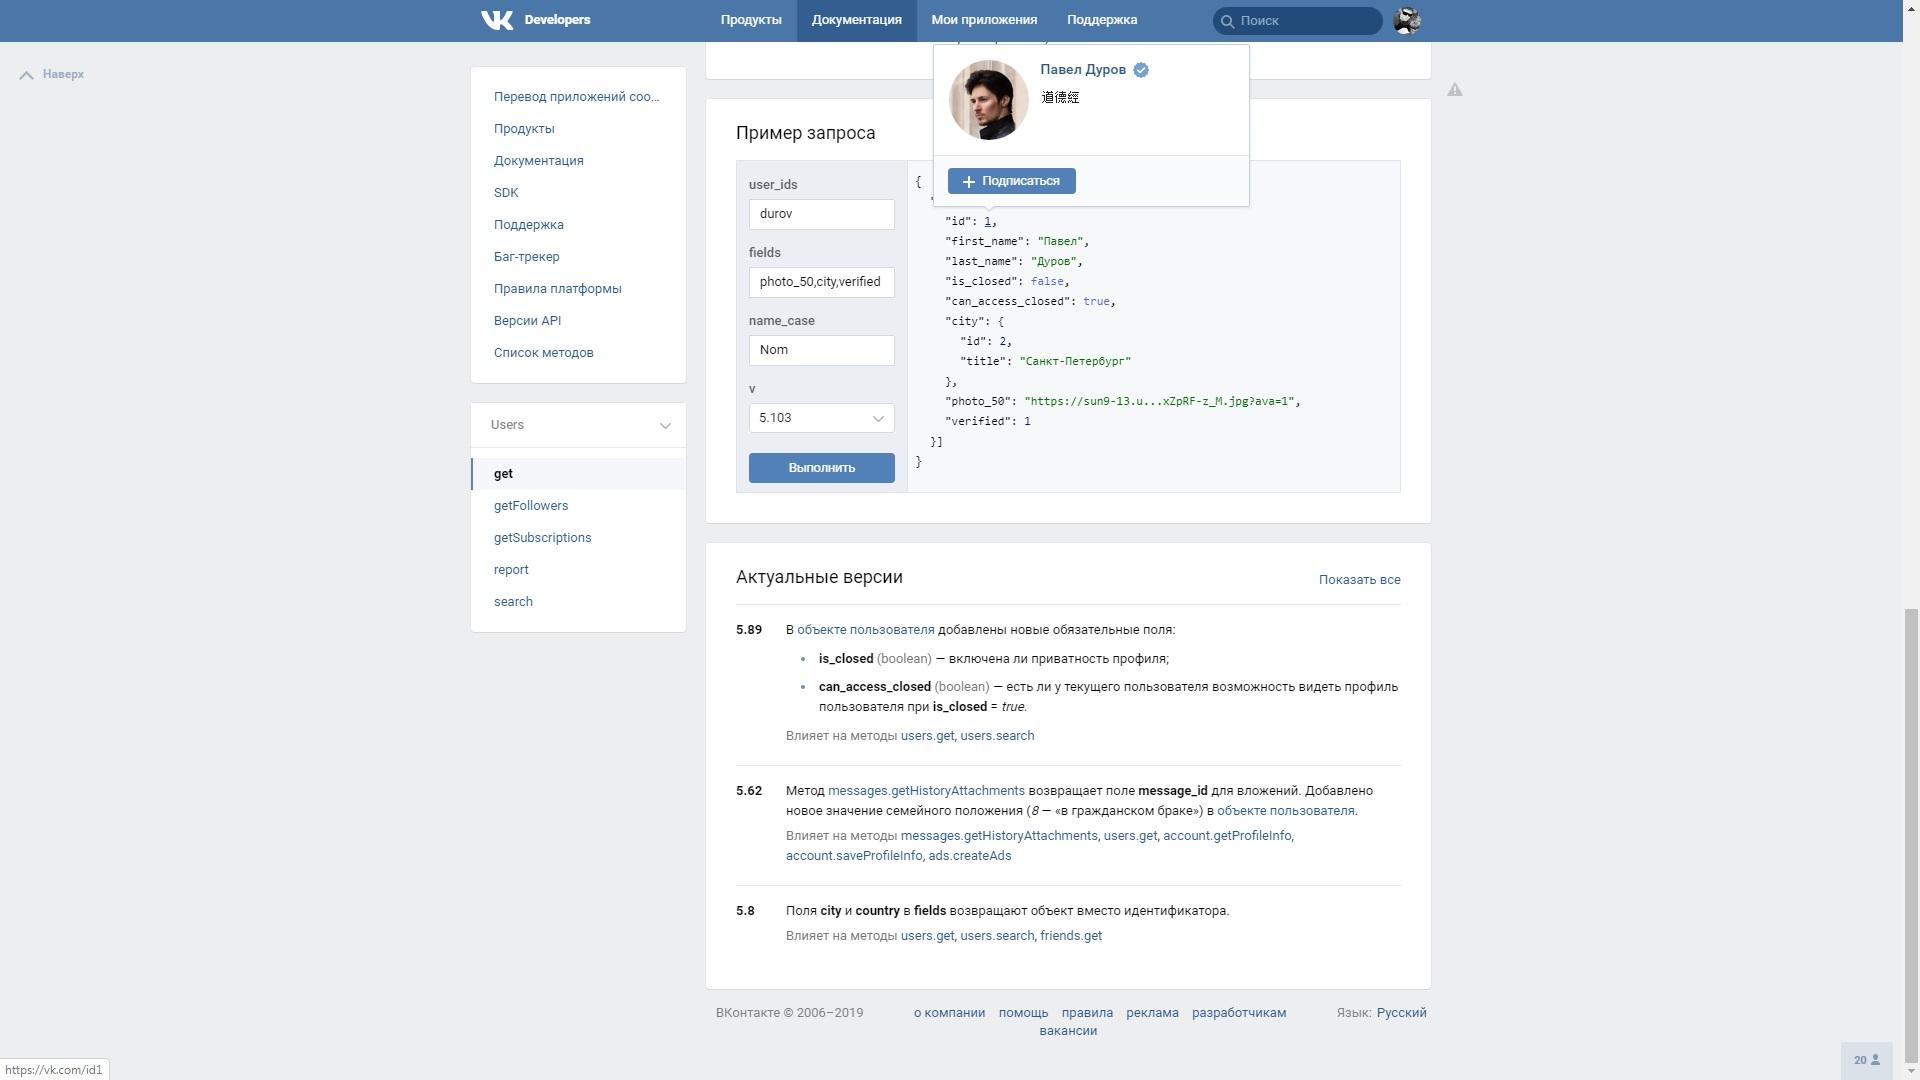 Секреты и баги ВКонтакте. Топ-10 7 - lenium.ru